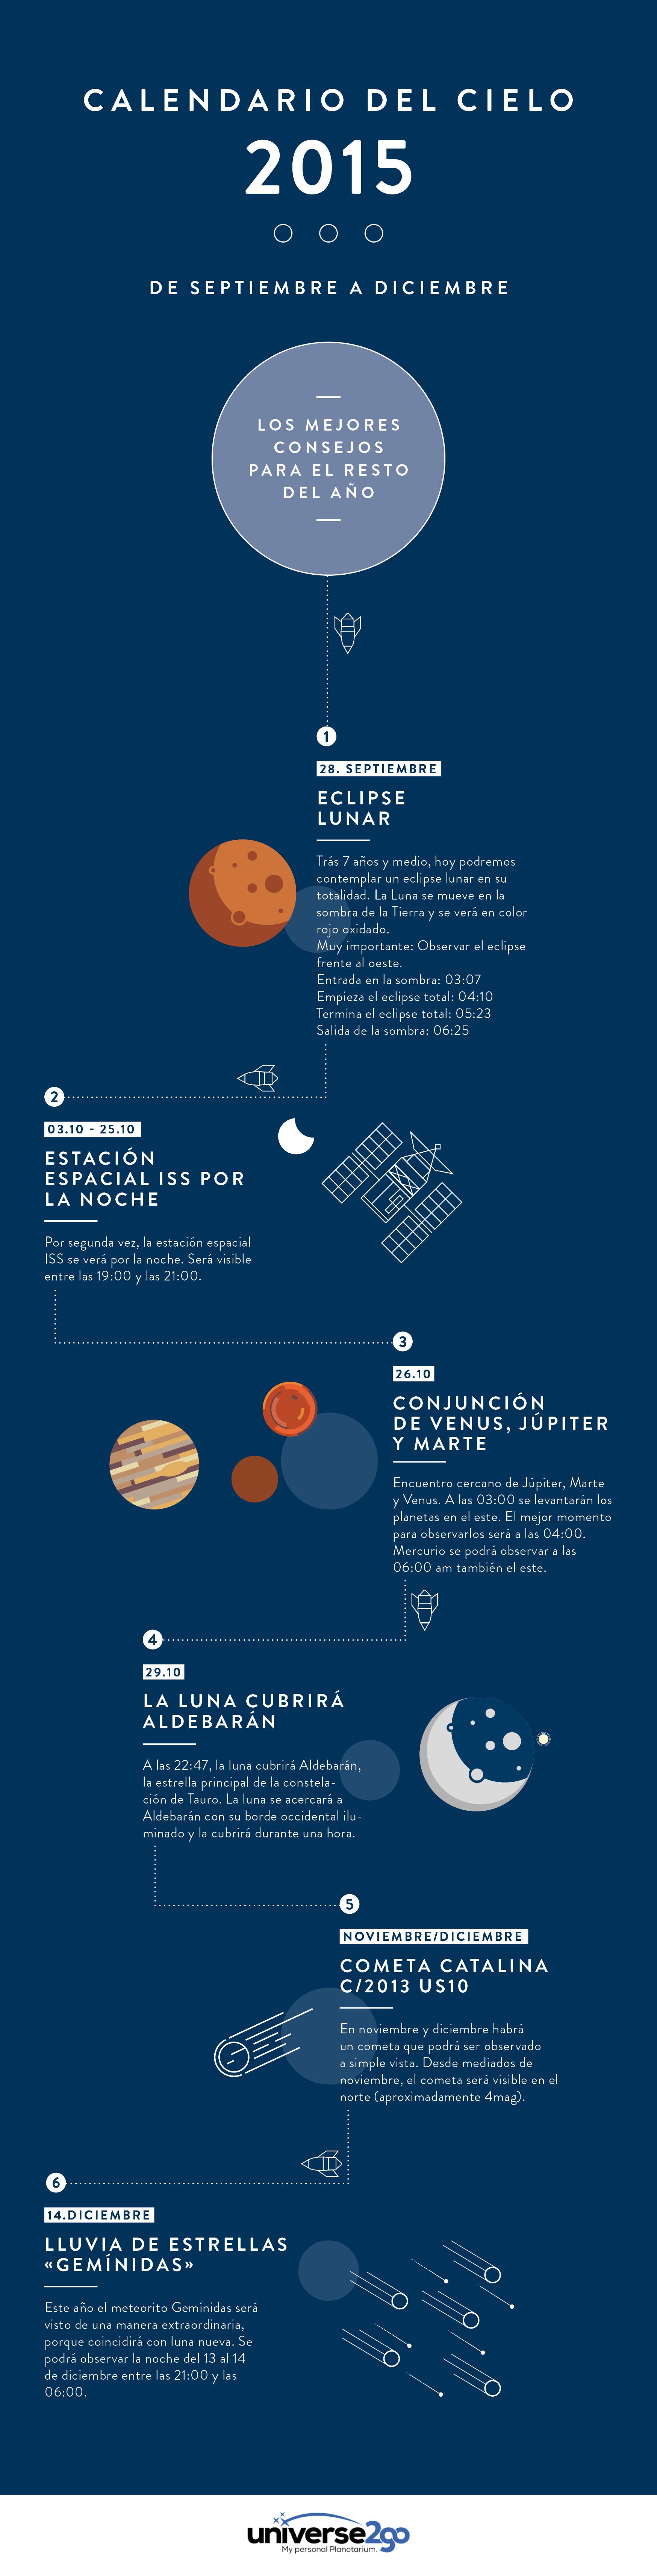 Infografia-Calendario-del-cielo-2015_ES